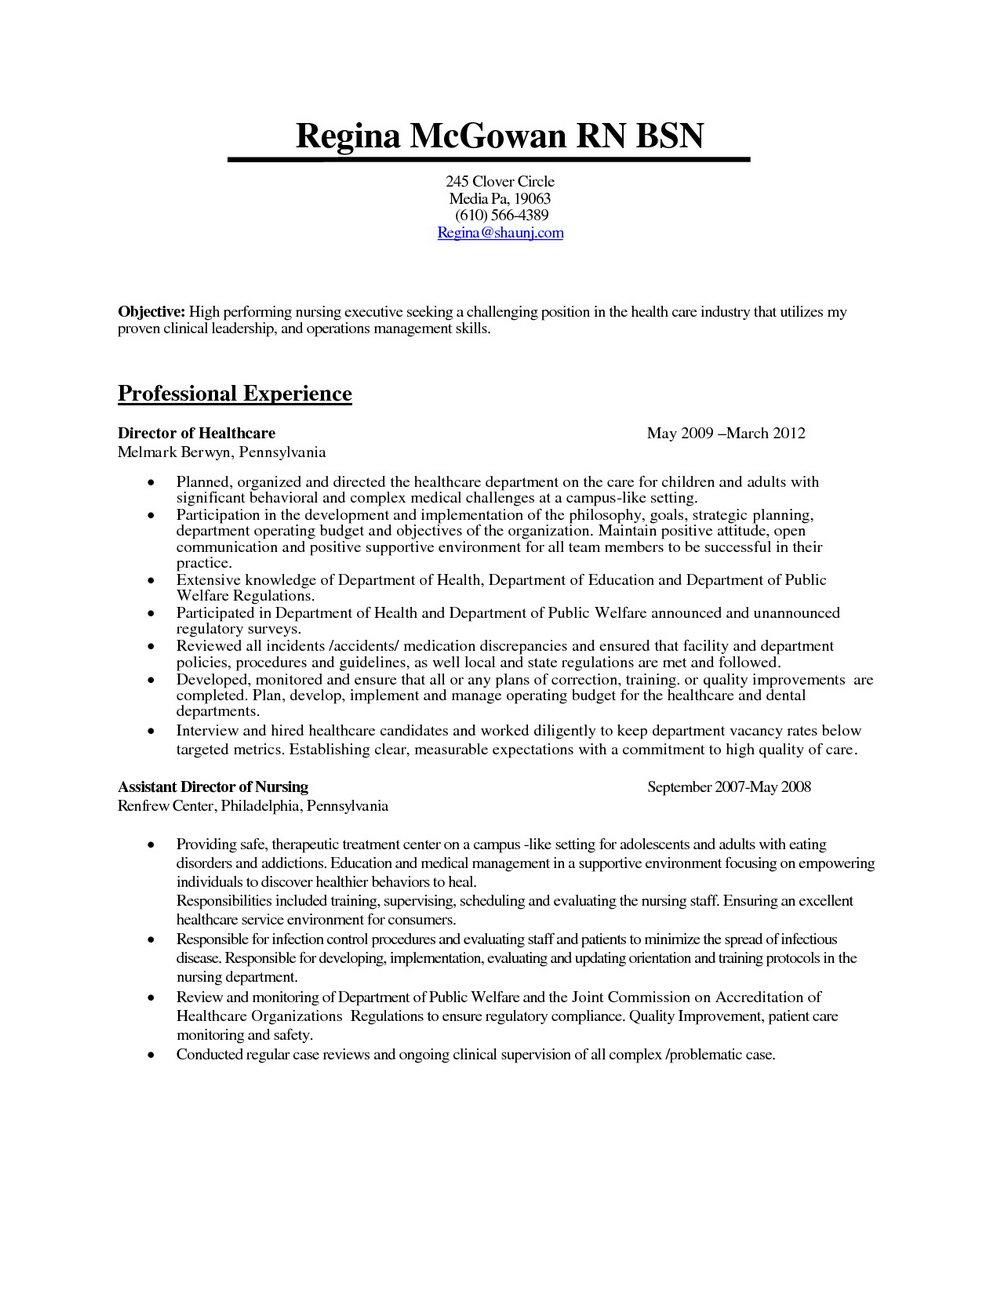 Sample Resume For Rn Bsn